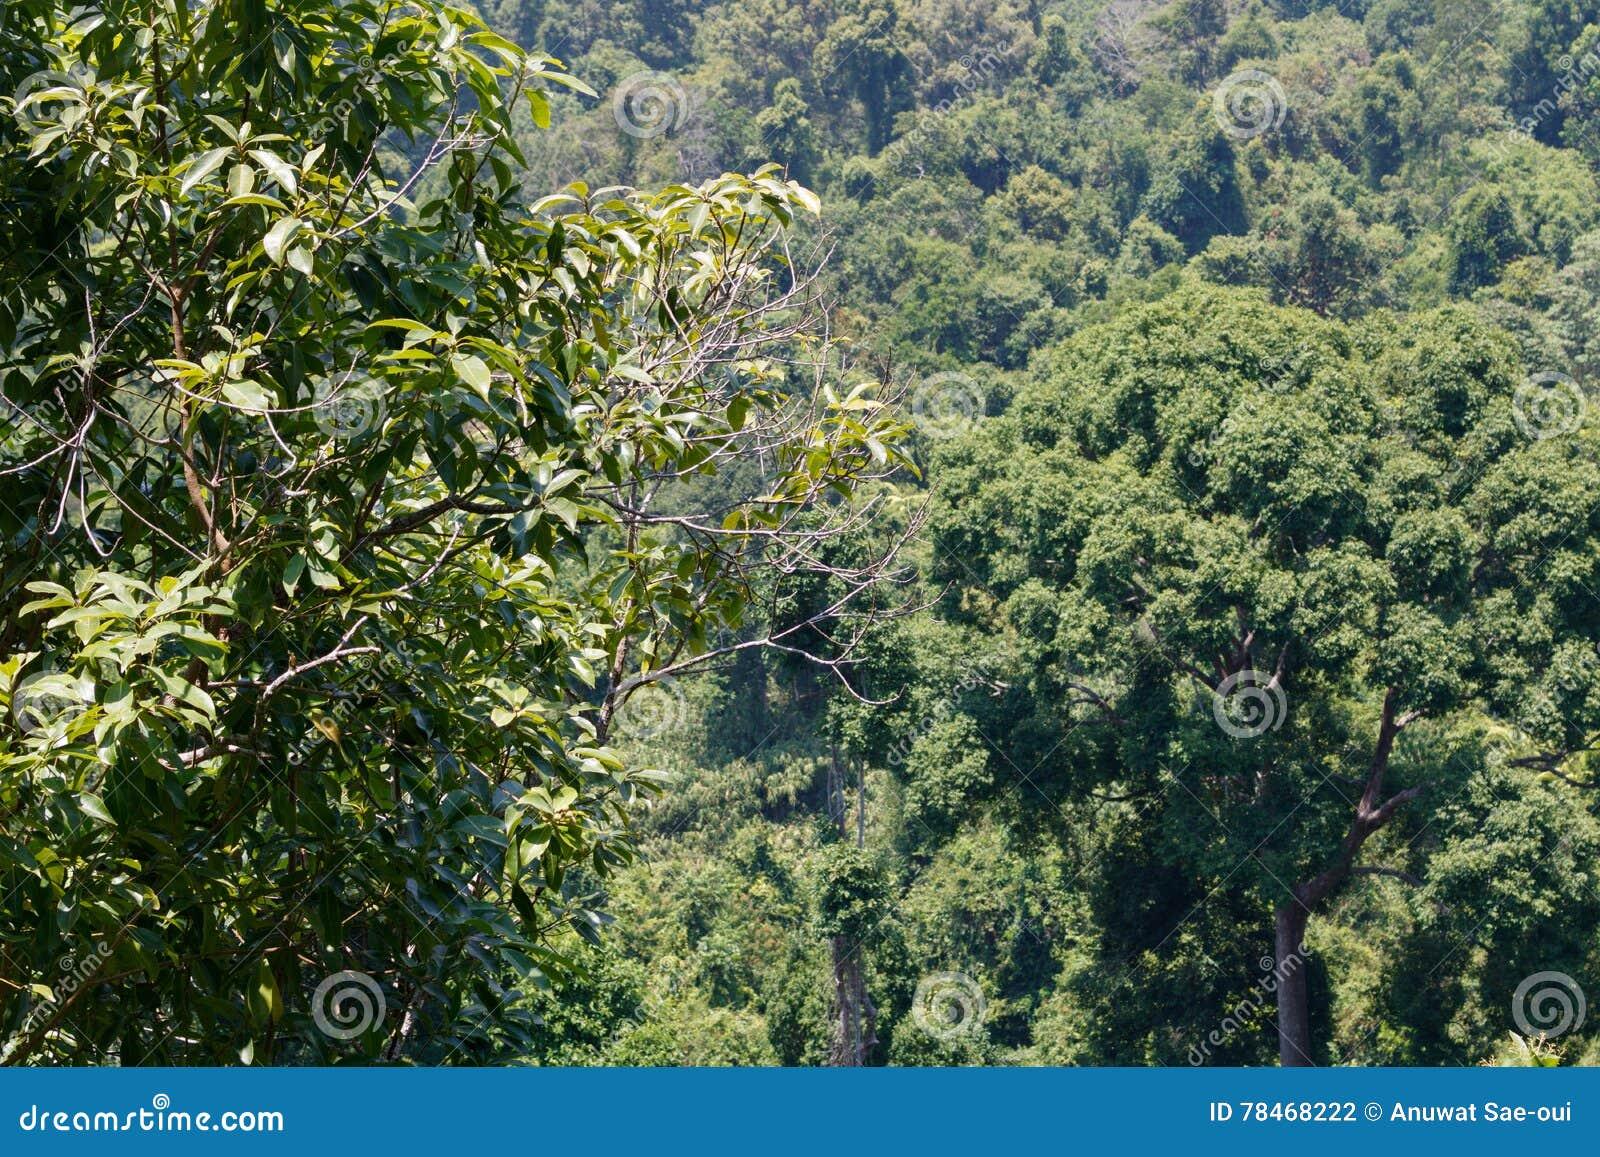 Droog altijdgroen bos